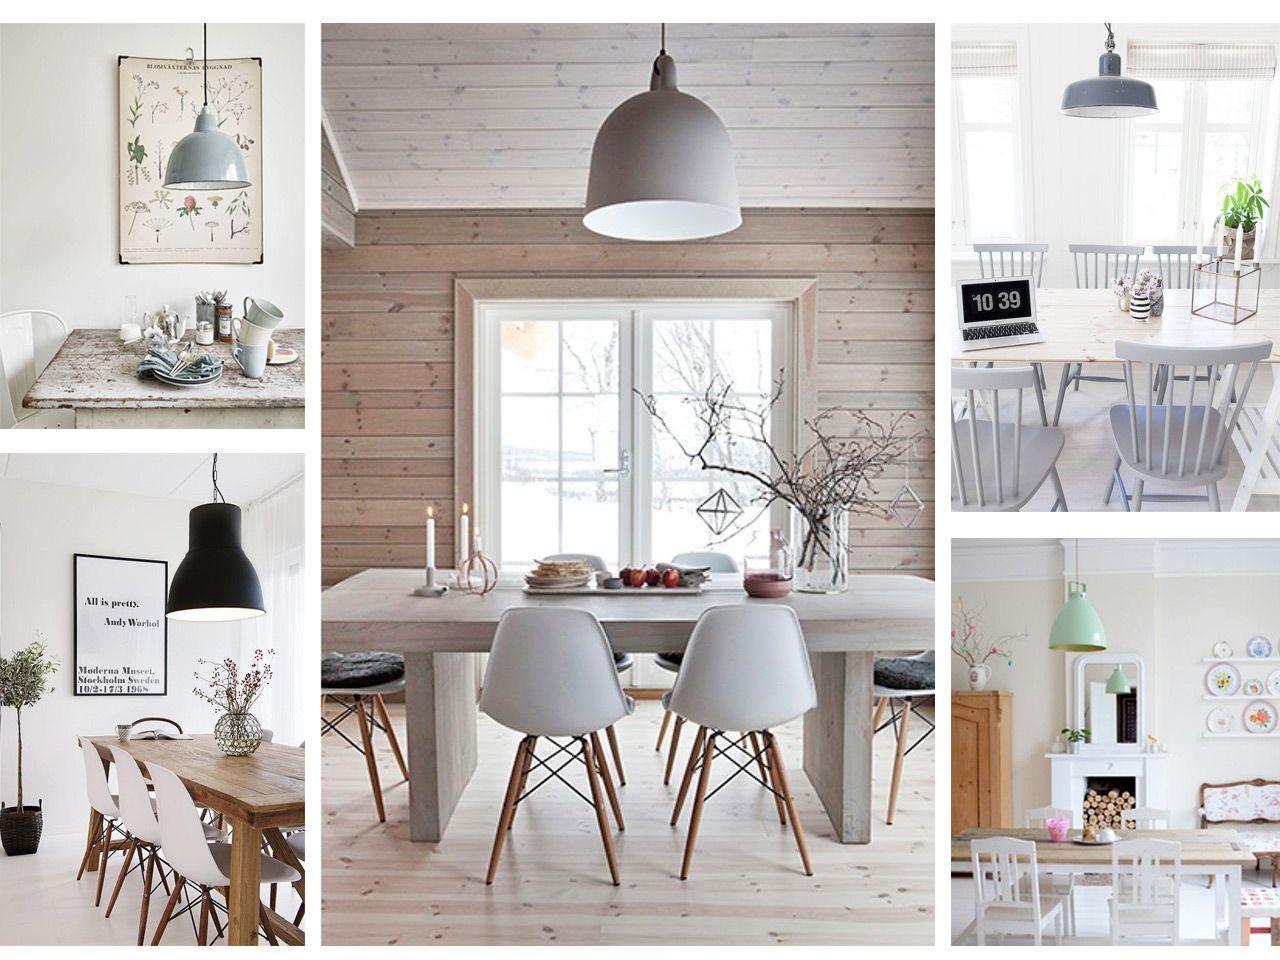 Decoraci n n rdica espacios pinterest - Casas de madera nordicas ...